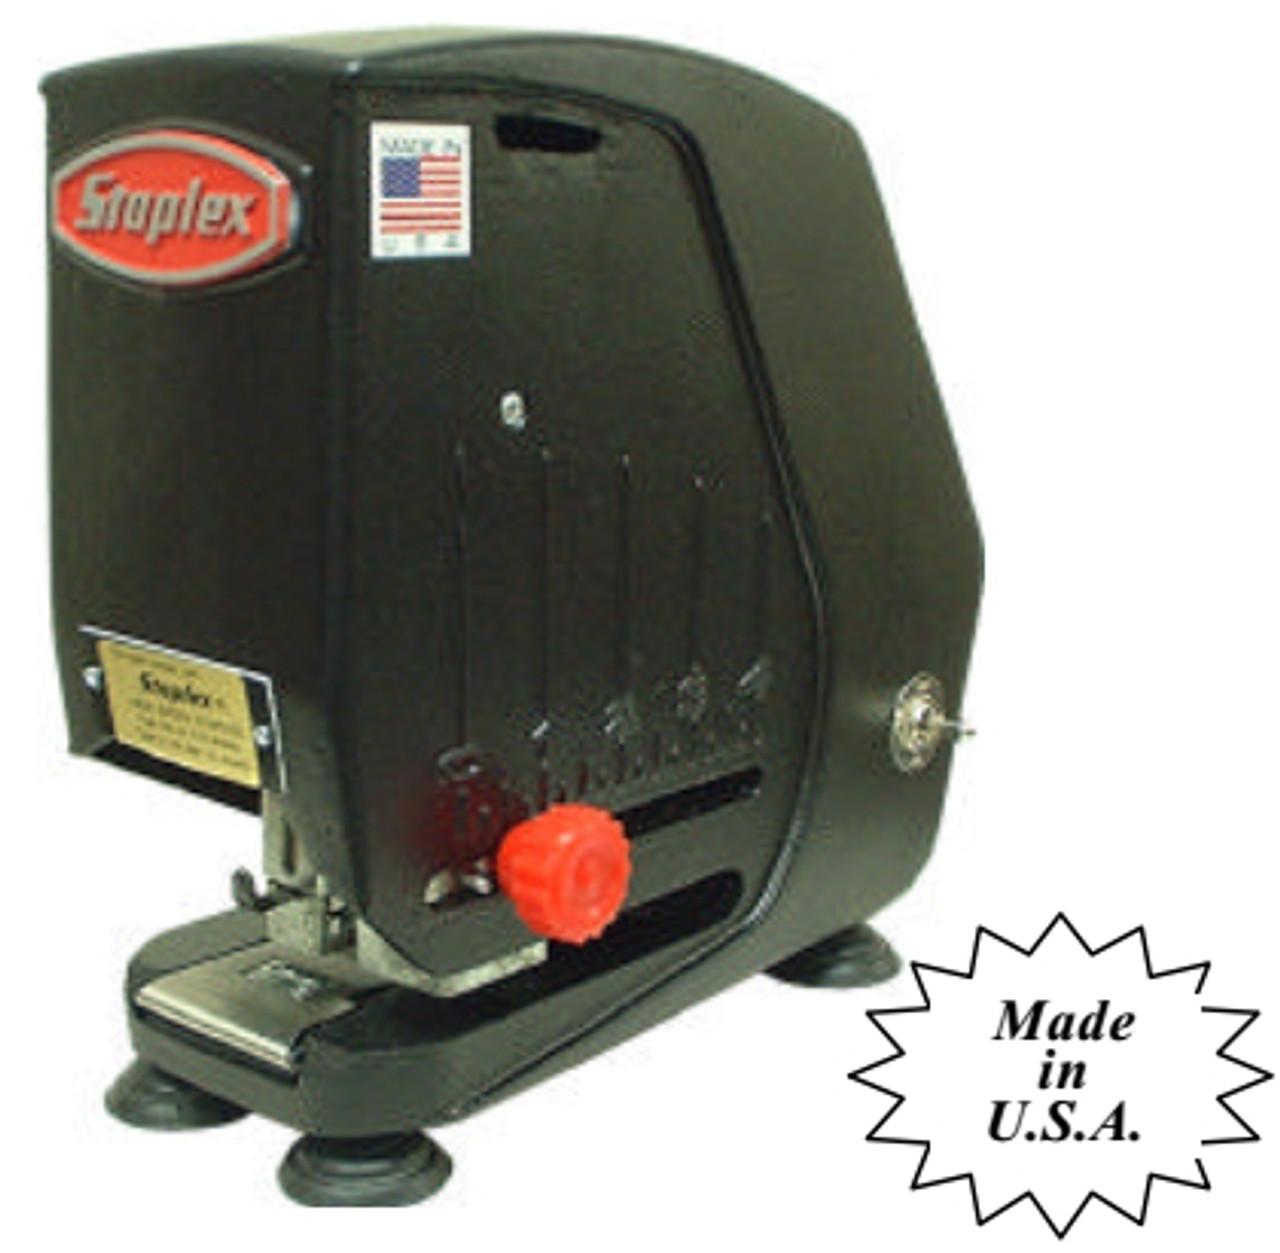 Staplex® Model S-54N Standard Model Electric Stapler